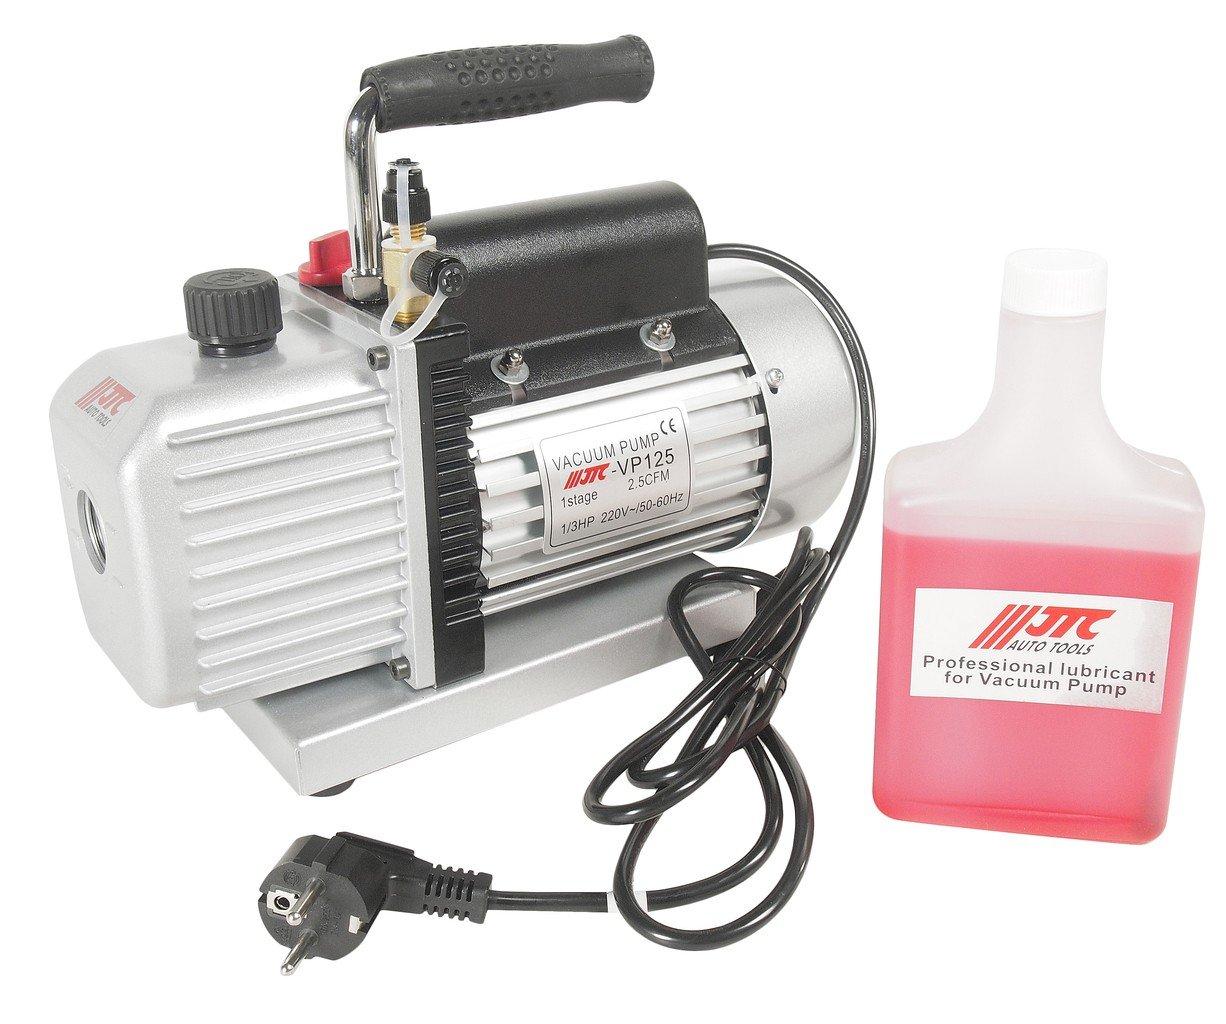 JTC-VP125 Насос вакуумный для хладагентов R-134a и R-12 220V, 50-60Гц